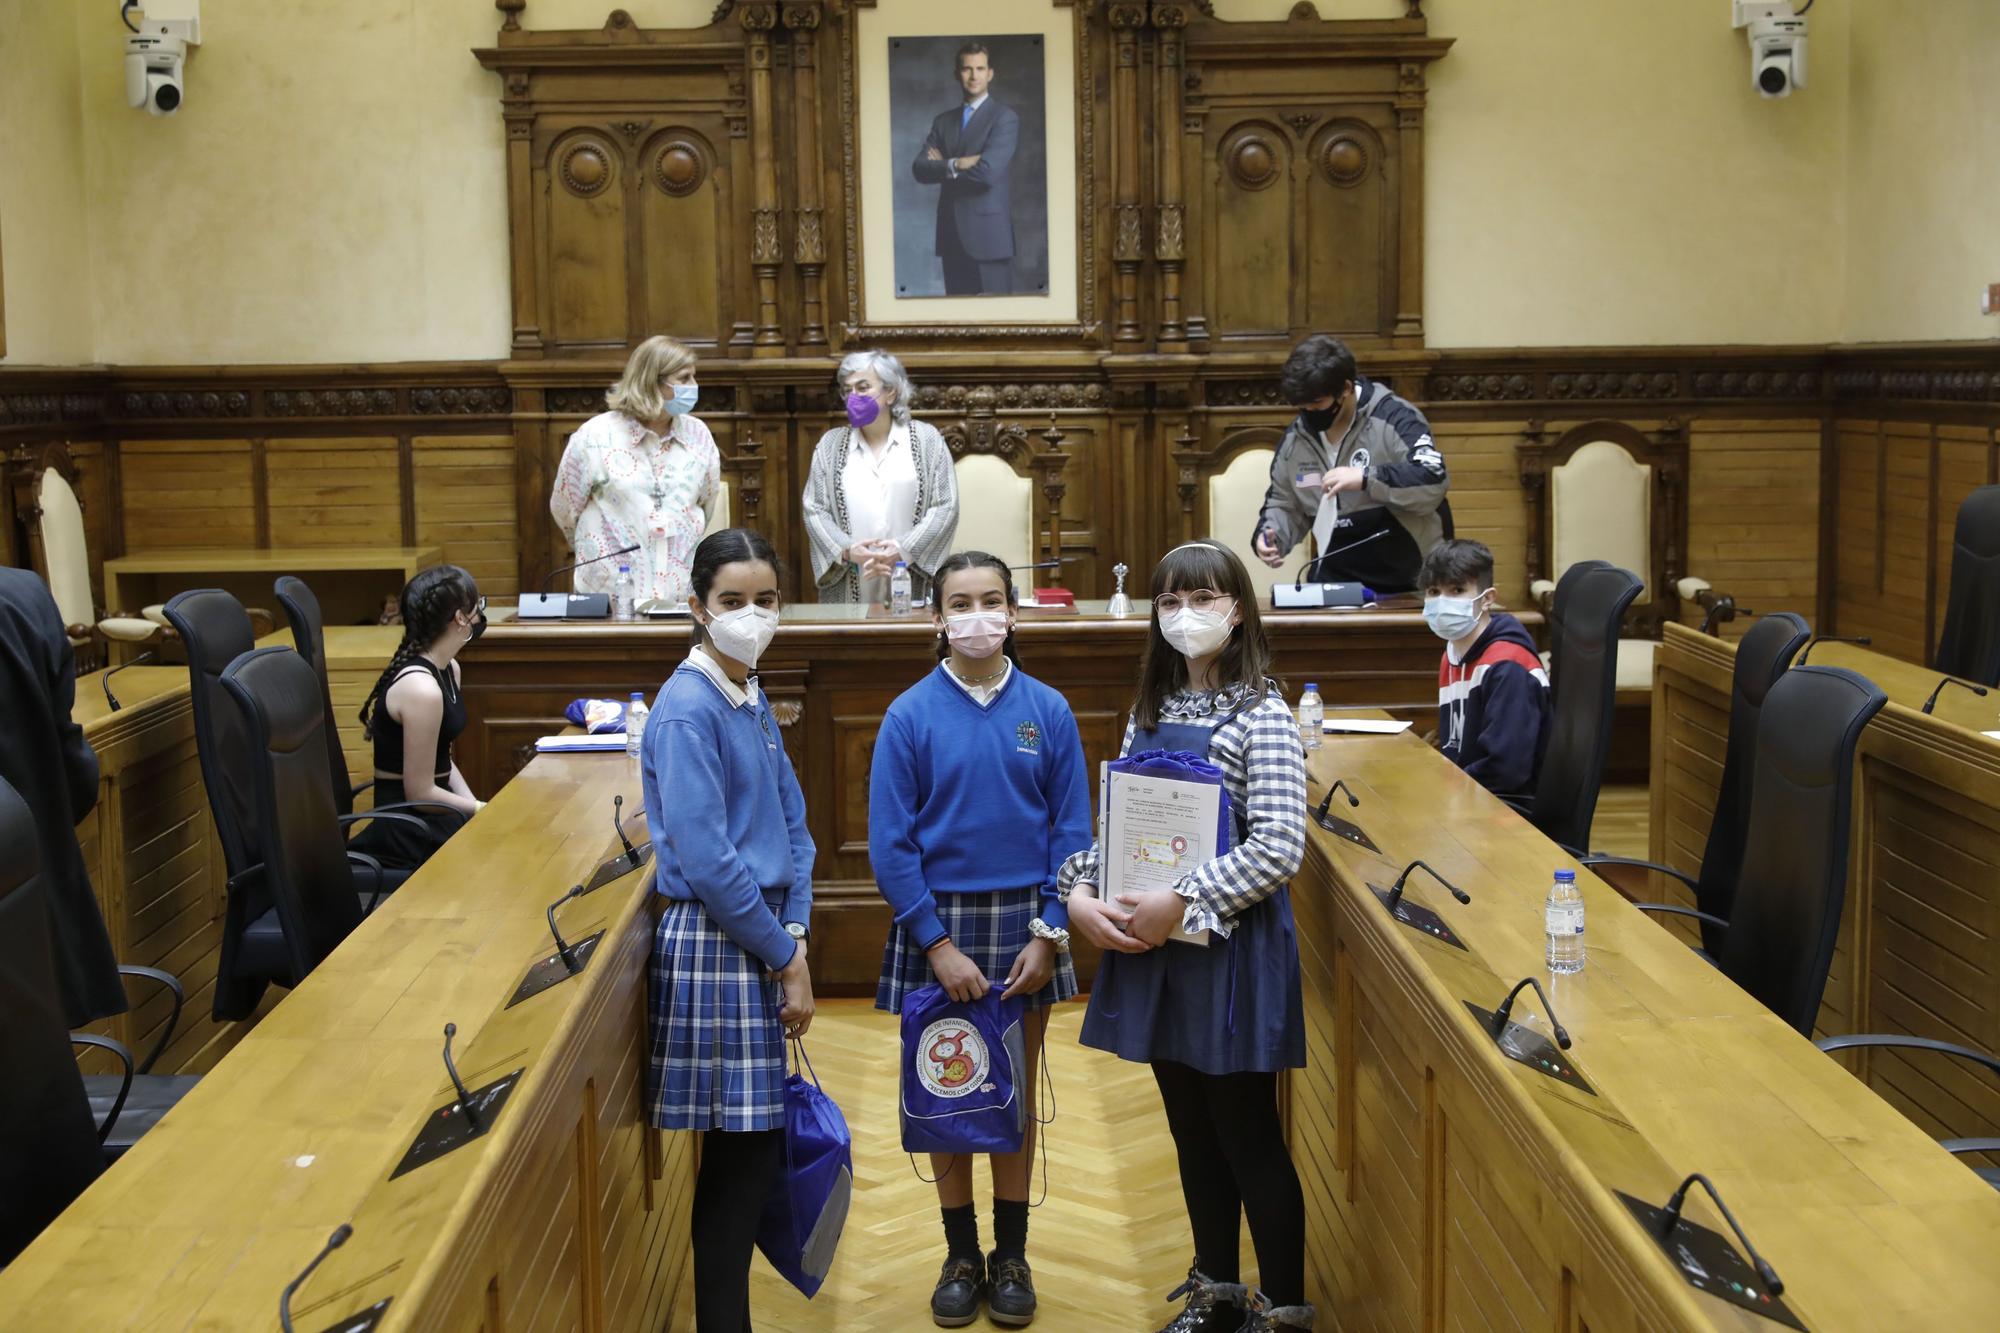 Los niños de Gijón toman el salón de plenos del Ayuntamiento